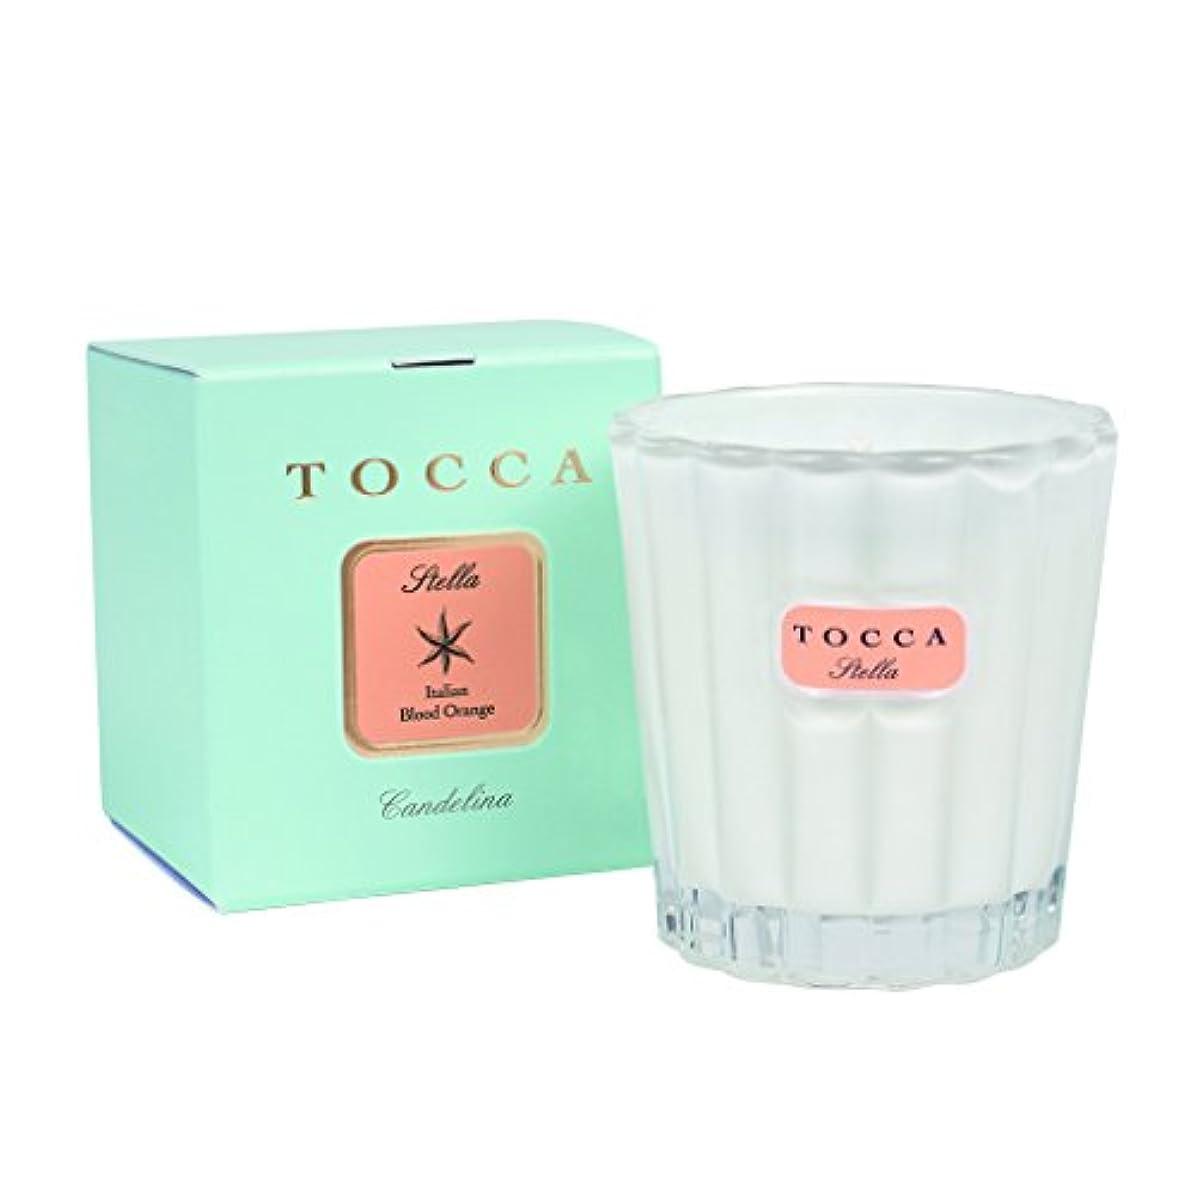 適性単独でアクティブトッカ(TOCCA) キャンデリーナ ステラ 88g (キャンドル ろうそく シトラス系でありながらほんのり甘く苦味を感じることのないさわやかな香り)